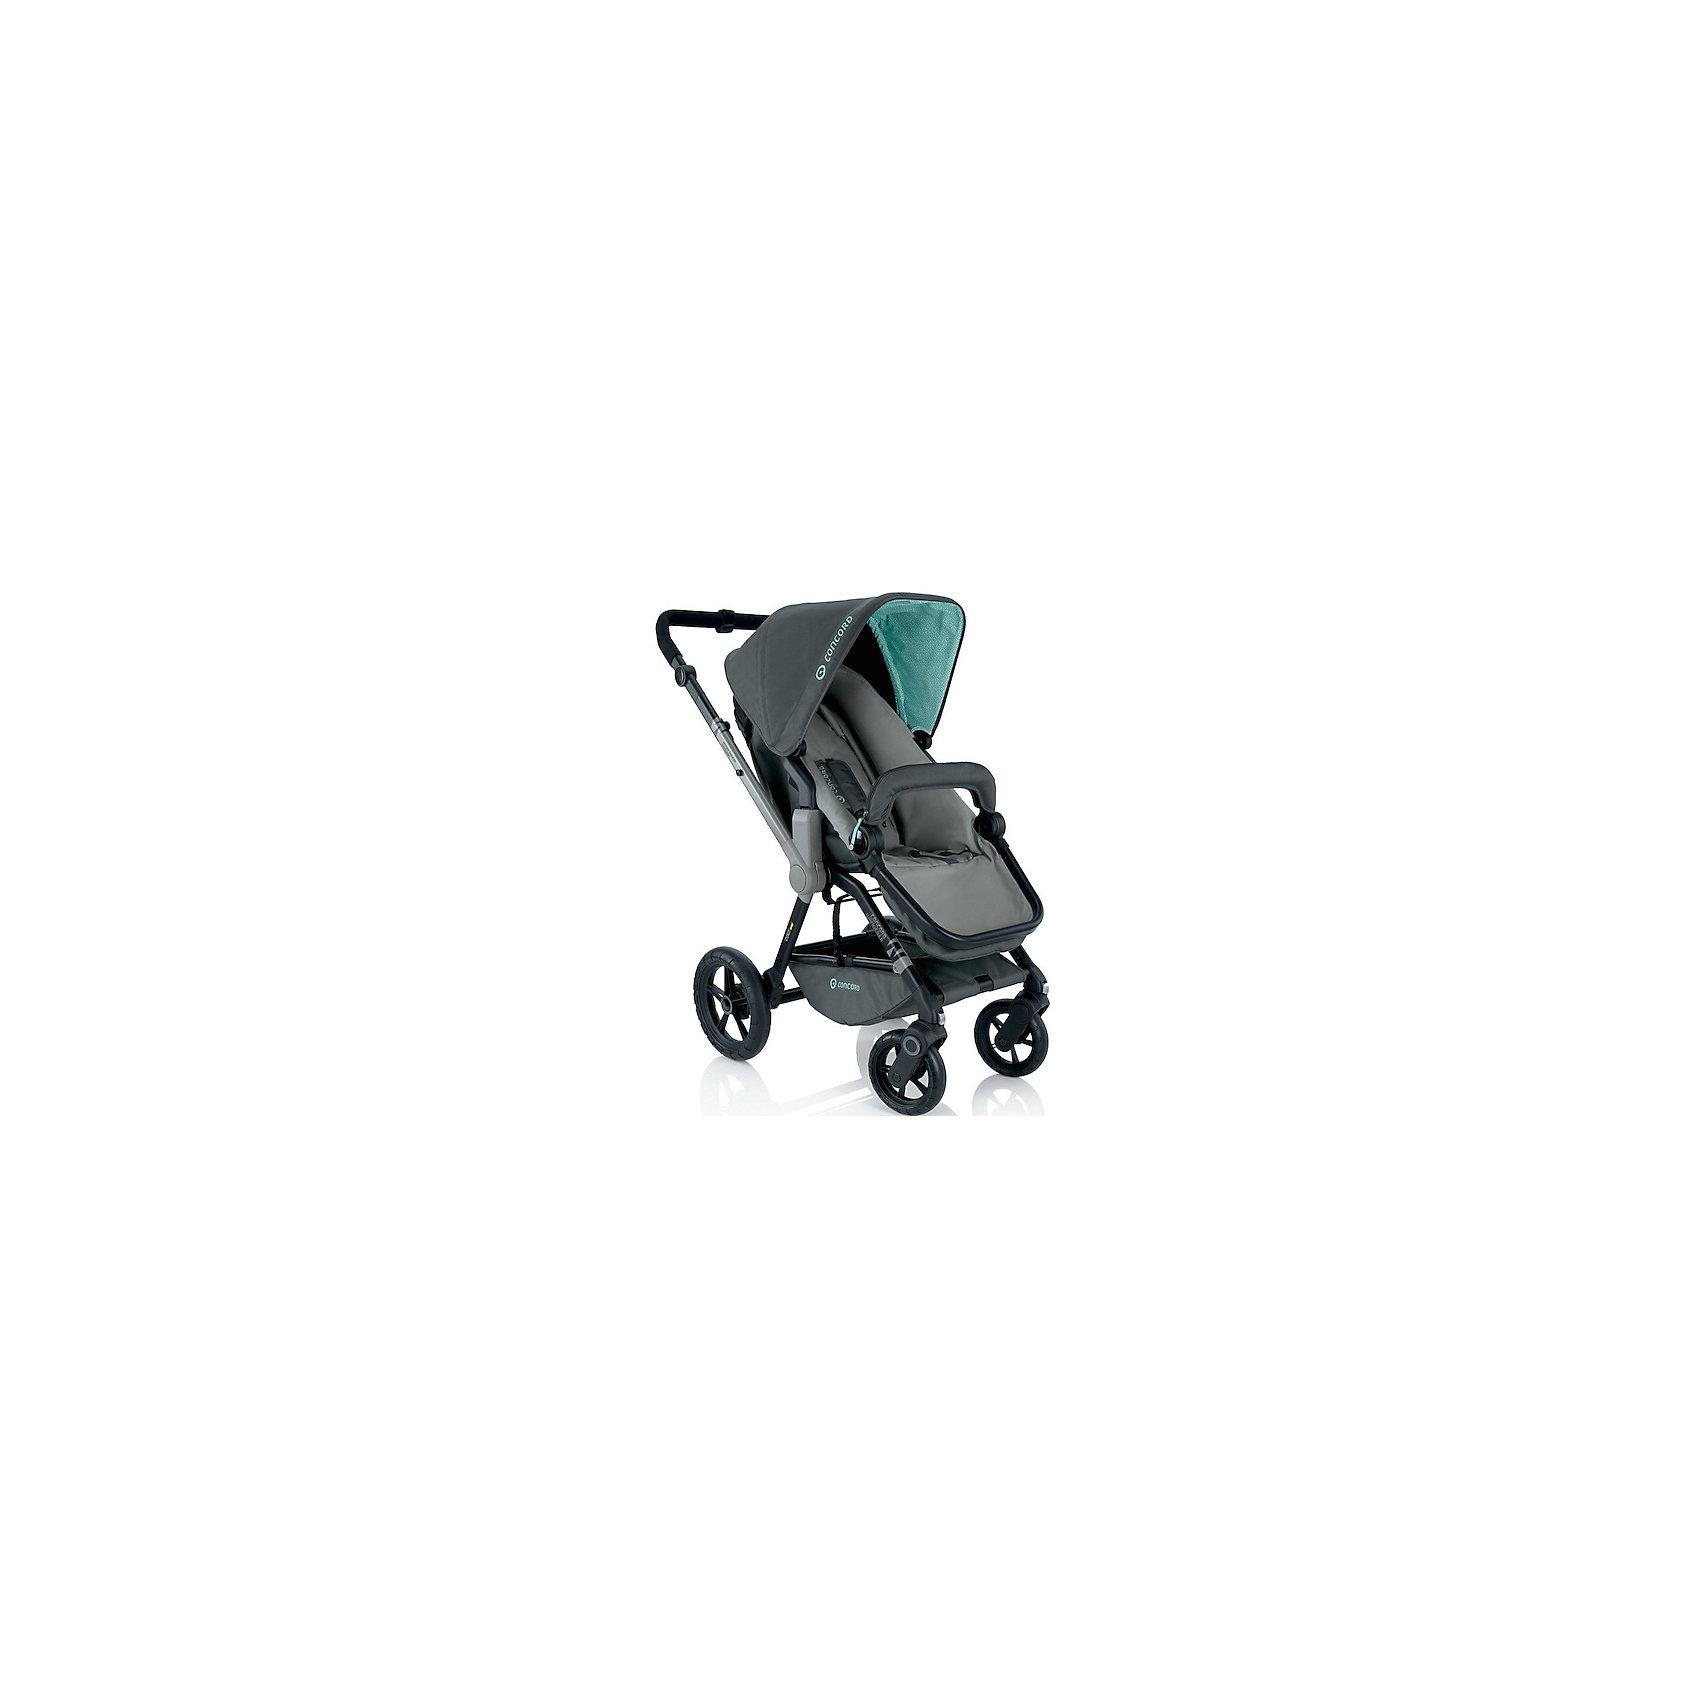 Прогулочная коляска Concord Wanderer, Shadow GreyПрогулочные коляски<br>Прогулочная коляска Wanderer, Concord, Shadow Grey<br><br>Характеристики коляски Concord Wanderer:<br><br>• возраст ребенка: от 6 месяцев до 3-х лет;<br>• вес ребенка: до 15 кг;<br>• количество положений спинки: 3, вплоть до горизонтального;<br>• наличие 5-ти точечных ремней безопасности с мягкими накладками;<br>• регулируемая подножка;<br>• реверсивный блок (возможность установить прогулочный блок как лицом к маме, так и лицом к окружающему миру);<br>• высота ручки коляски регулируется, тип ручки – цельная;<br>• перекидная ручка коляски;<br>• бампер съемный;<br>• чехлы съемные, допускается стирка при температуре 30 градусов;<br>• наличие амортизаторов делают ход коляски мягким и плавным;<br>• положение капюшона регулируется в 4-х положениях, предусмотрена УФ-защиту 50+;<br>• колеса с подшипниками, передние поворотные с функцией блокировки, задние колеса большего диаметра;<br>• тип тормоза: ножной;<br>• тип складывания: книжка.<br><br>Прогулочная коляска Concord Wanderer имеет просторное прогулочное сиденье со спинкой, опускающейся до горизонтального положения, глубокий капюшон, съемный бампер. Прогулочный блок можно установить в 2-х положениях. Цельная ручка коляски регулируется по высоте. Колеса вращаются на 360 градусов, задние зафиксированы. <br><br>На шасси Concord можно установить люльку для новорожденного Concord Sleeper и детское автокресло Concord Air. <br><br>Обратите внимание: данные аксессуары приобретаются отдельно.<br><br>Размеры коляски Конкорд:<br><br>• ширина сиденья: 33 см;<br>• высота спинки: 45 см;<br>• длина спального места: 75 см;<br>• высота ручки: 73-102 см;<br>• размер коляски в разложенном виде: 104x60x102 см.<br>• размер в сложенном виде: 69x50x39 см.<br>• вес: 13,5 кг.<br><br>Комплектация: <br><br>• прогулочный блок с капюшоном и бампером;<br>• шасси с колесами;<br>• накидка на ножки;<br>• дождевик;<br>• инструкция. <br><br>Прогулочную коляску Wanderer, Concord, Shado